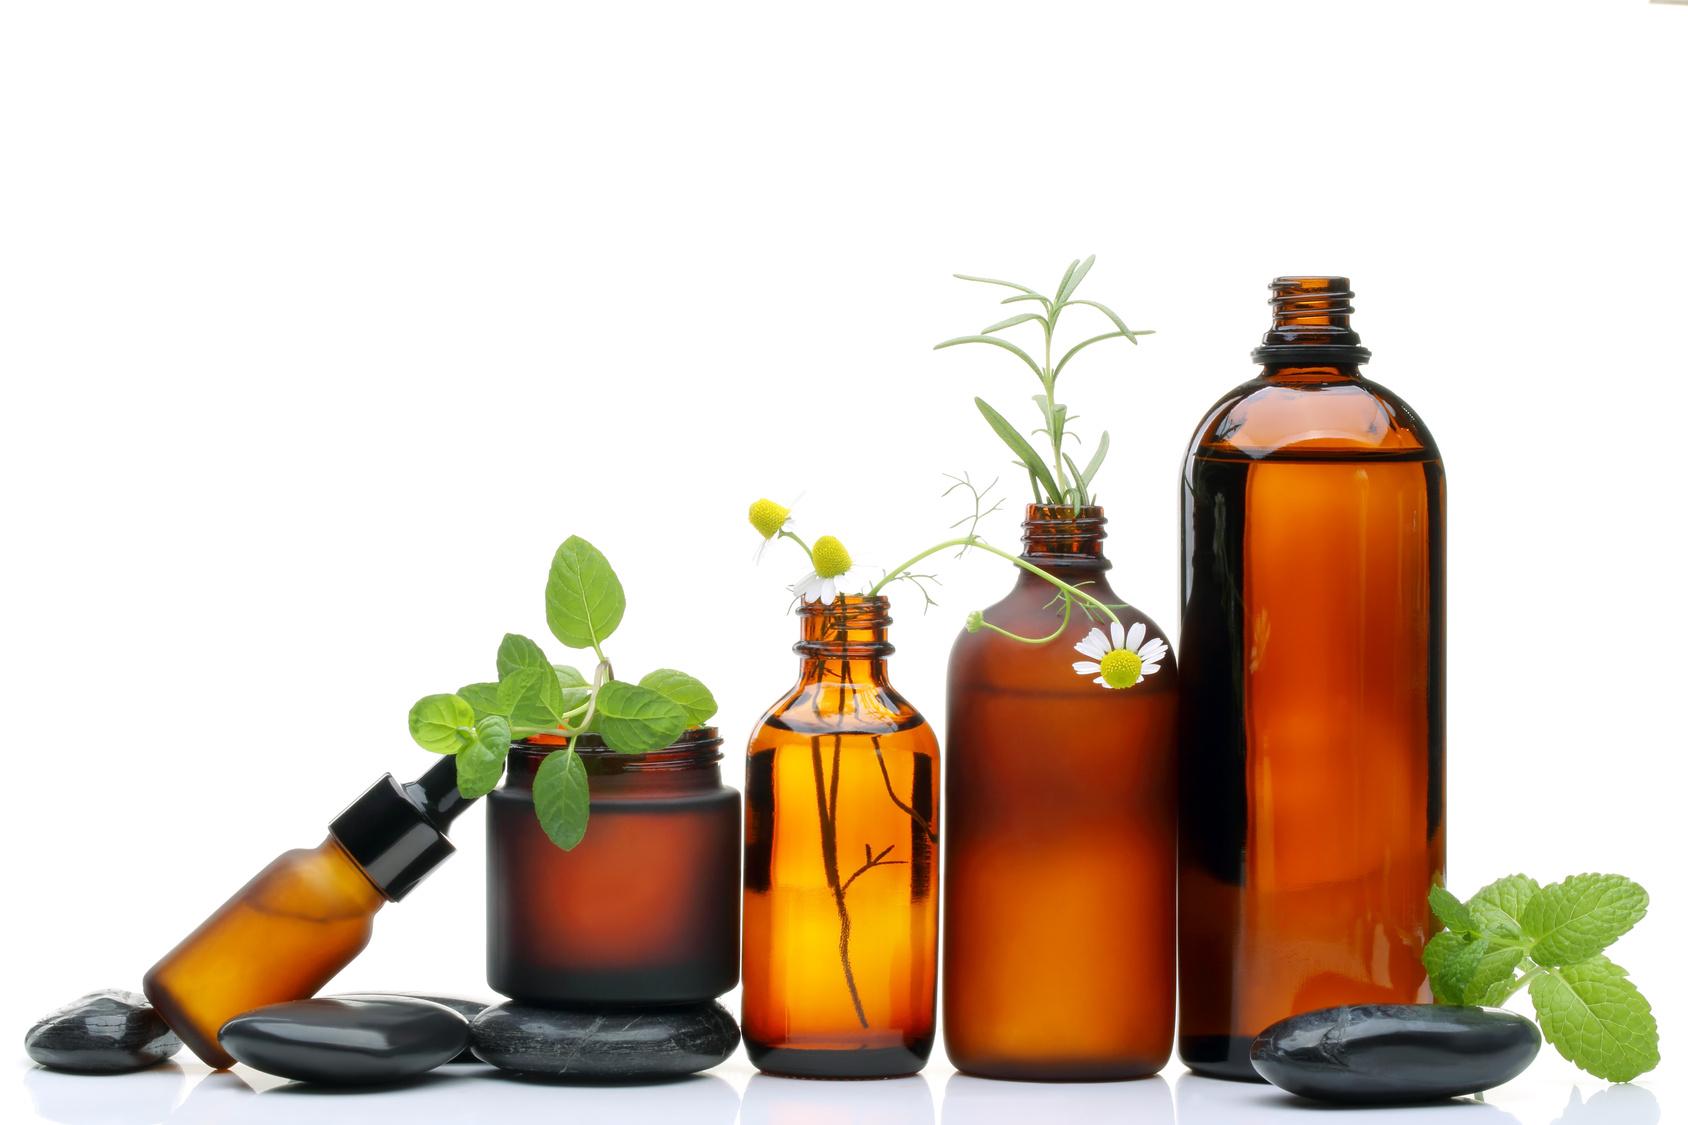 cosmétiques naturels et aromathérapie